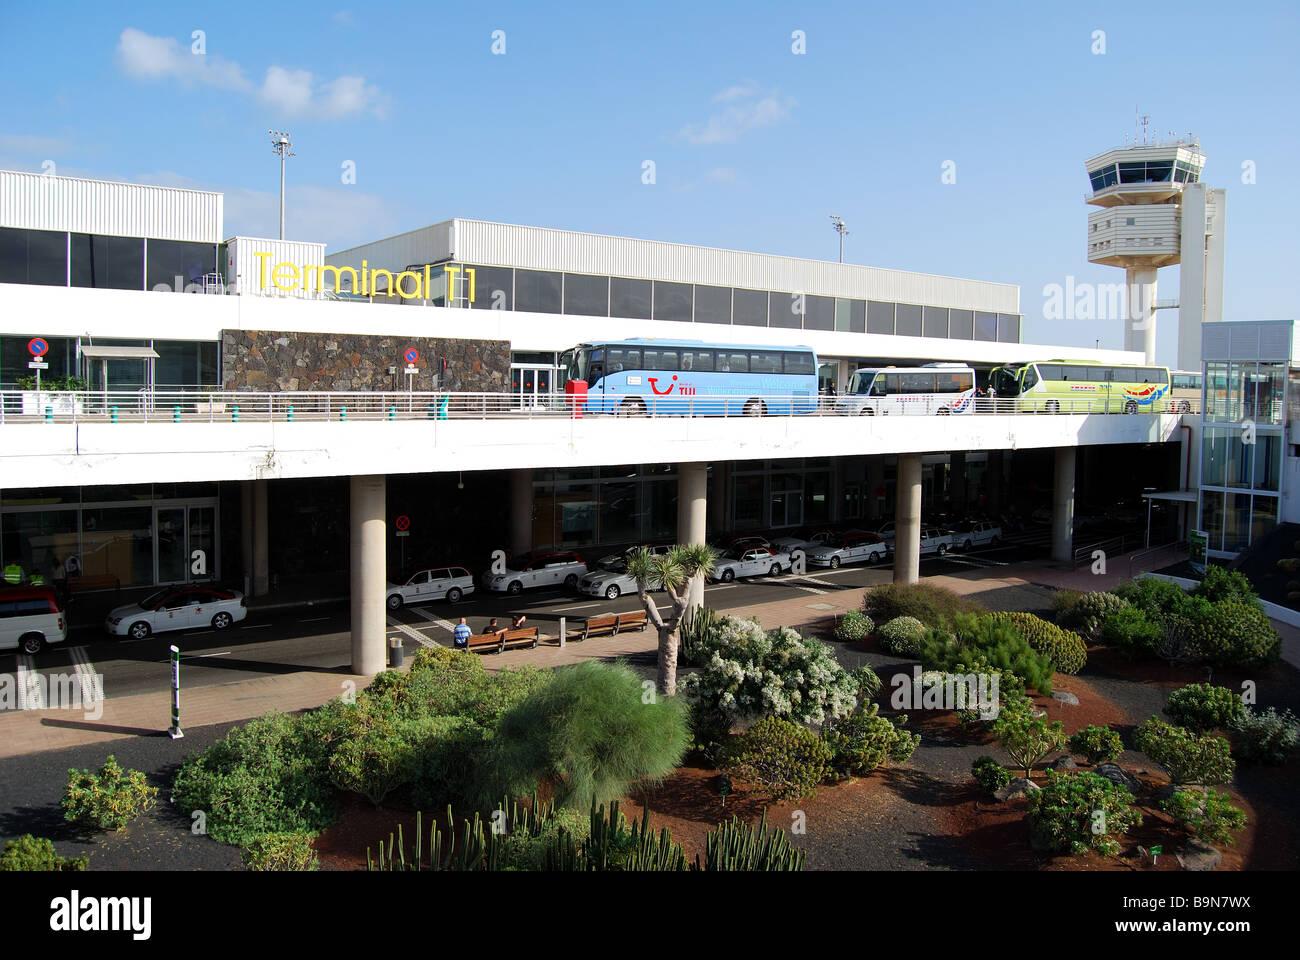 Terminal 1 außen, Flughafen Arrecife, Arrecife, Lanzarote, Kanarische Inseln, Spanien Stockbild